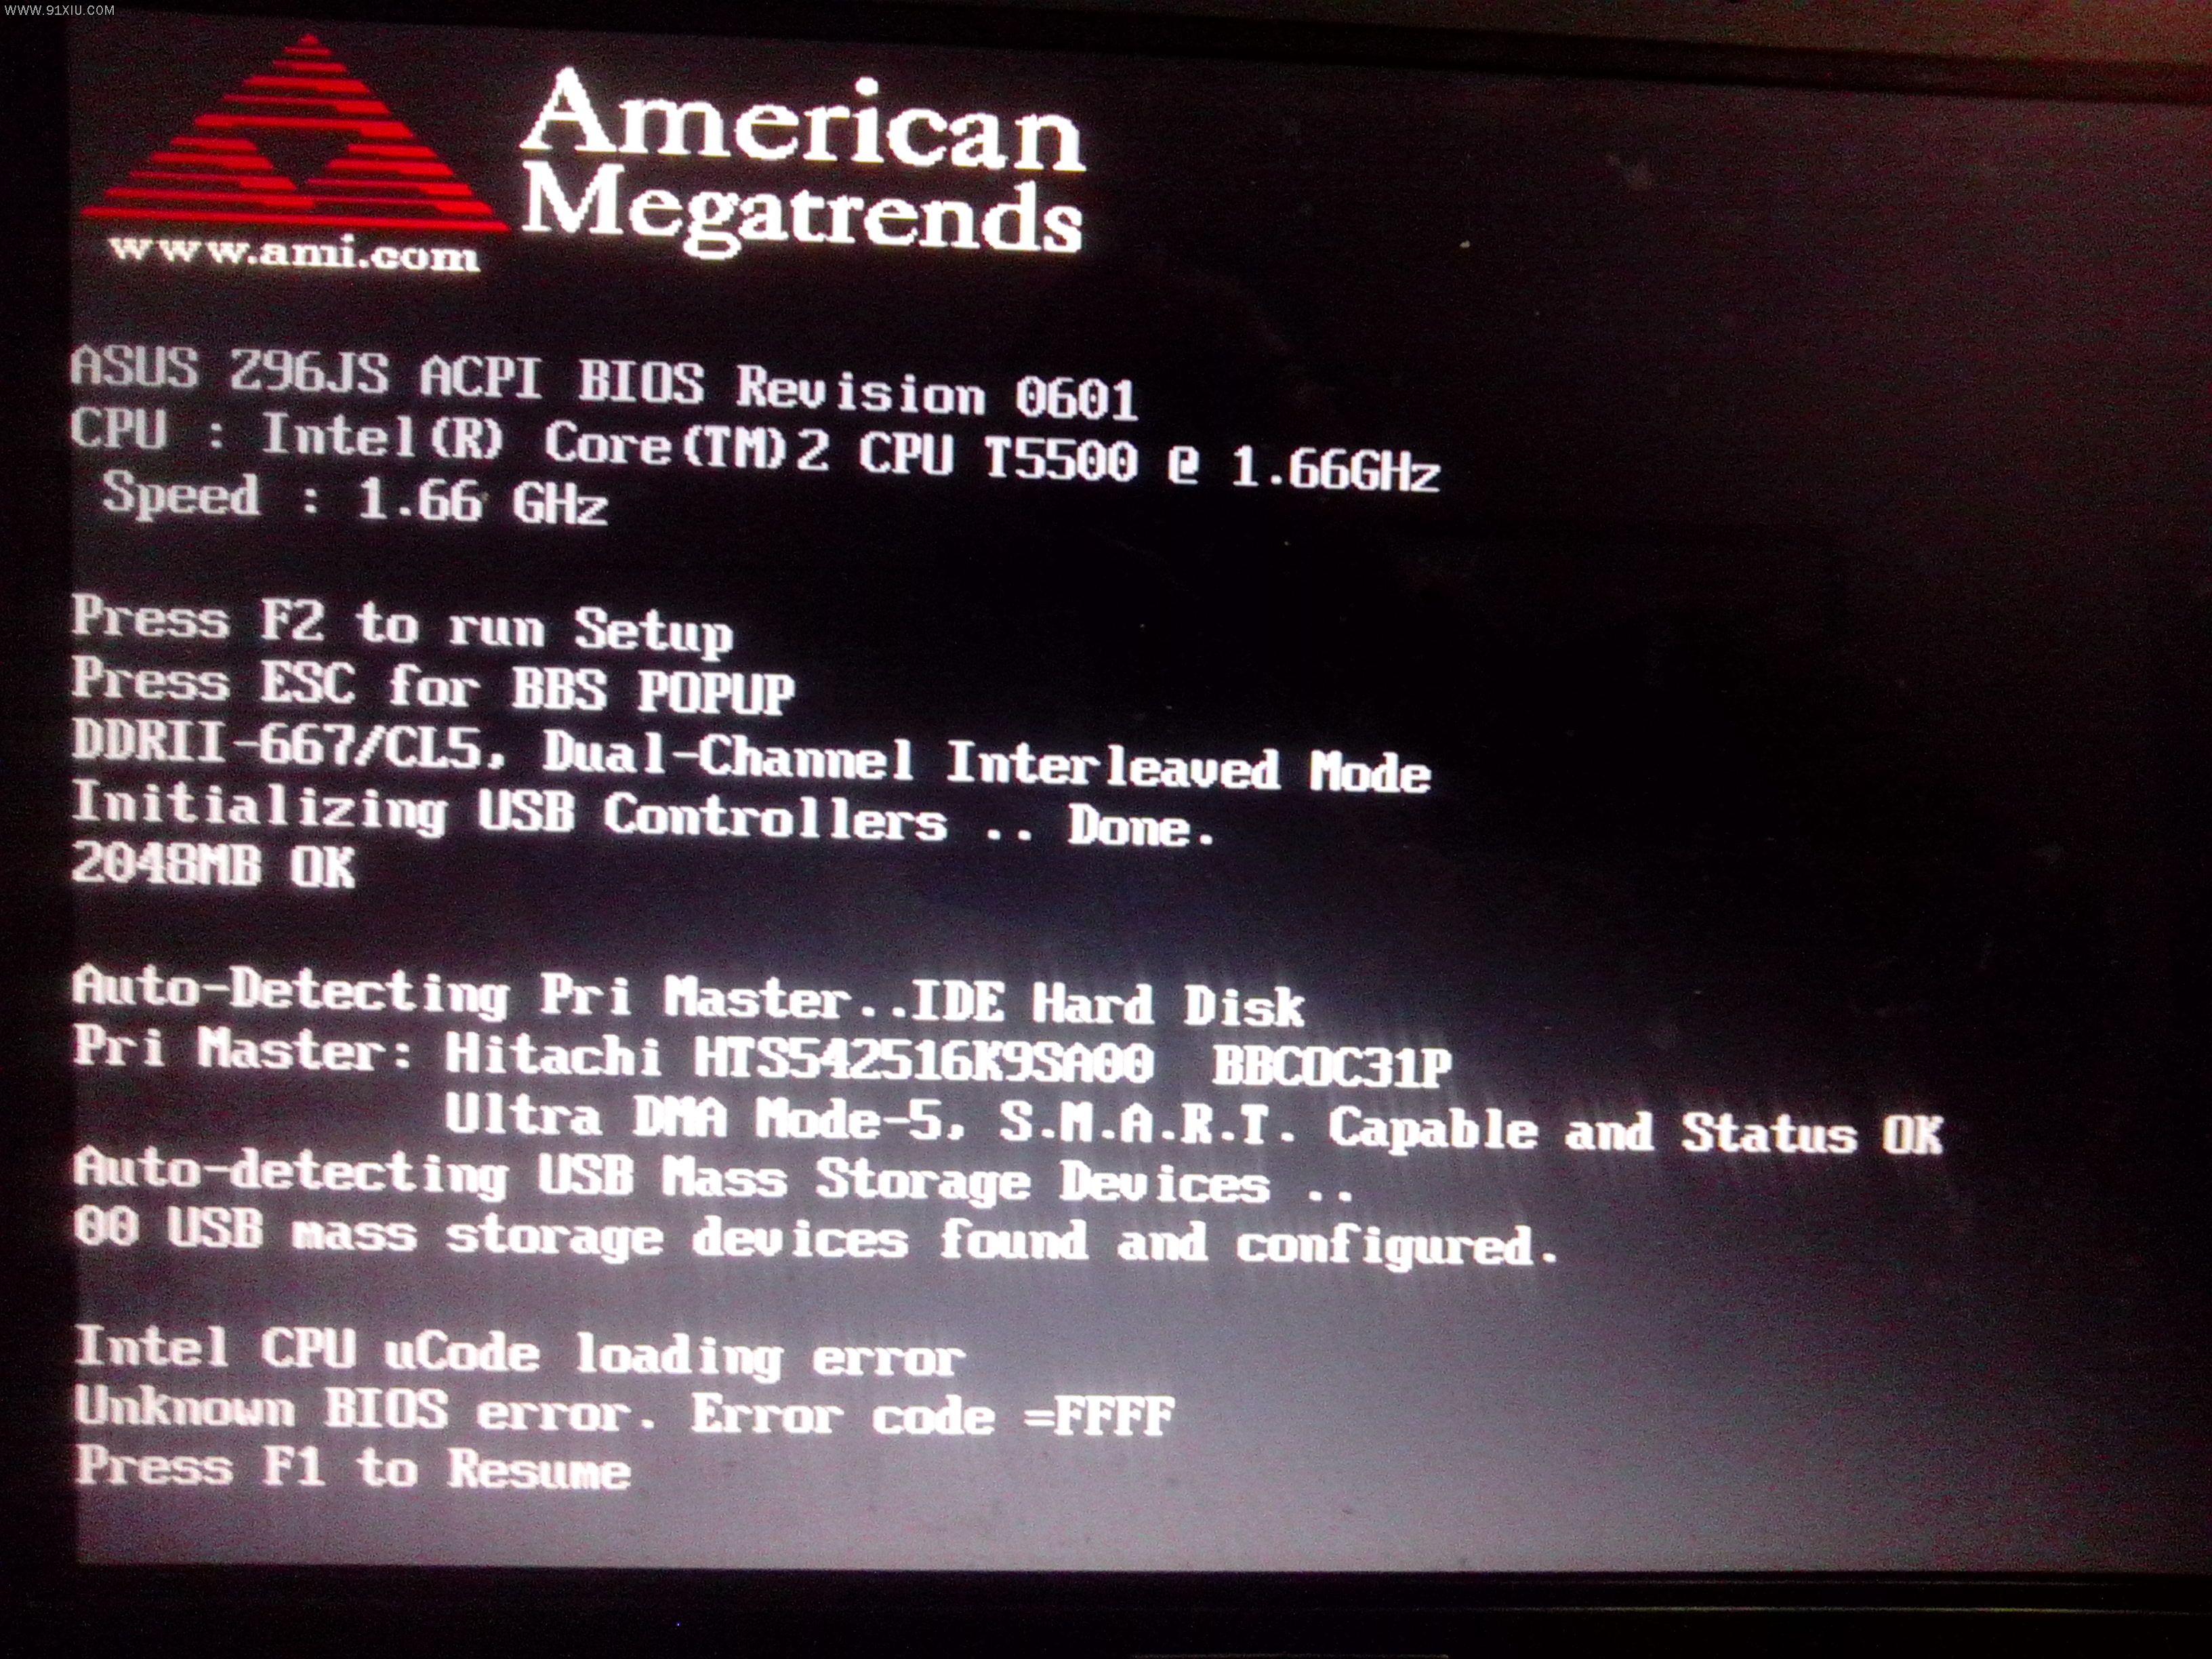 这个问题也常见吧!你先试试放电和换CPU!5 k; Y1 G6 `9 J$ _ q 有的机器可以进入系统,就是在切换程序时候会死机 ! H0 E4 g e2 ^! c2 E 主板识别不了CPU的型号?这款主板应该是可以支持双核的啊 9 D* L m- V( W 更新下BIOS试试,如果还不行,检查CPU是否有问题。7 P0 R/ S( S+ s 据大量搜索,应该是BIOS的问题,要刷最新的BIOS